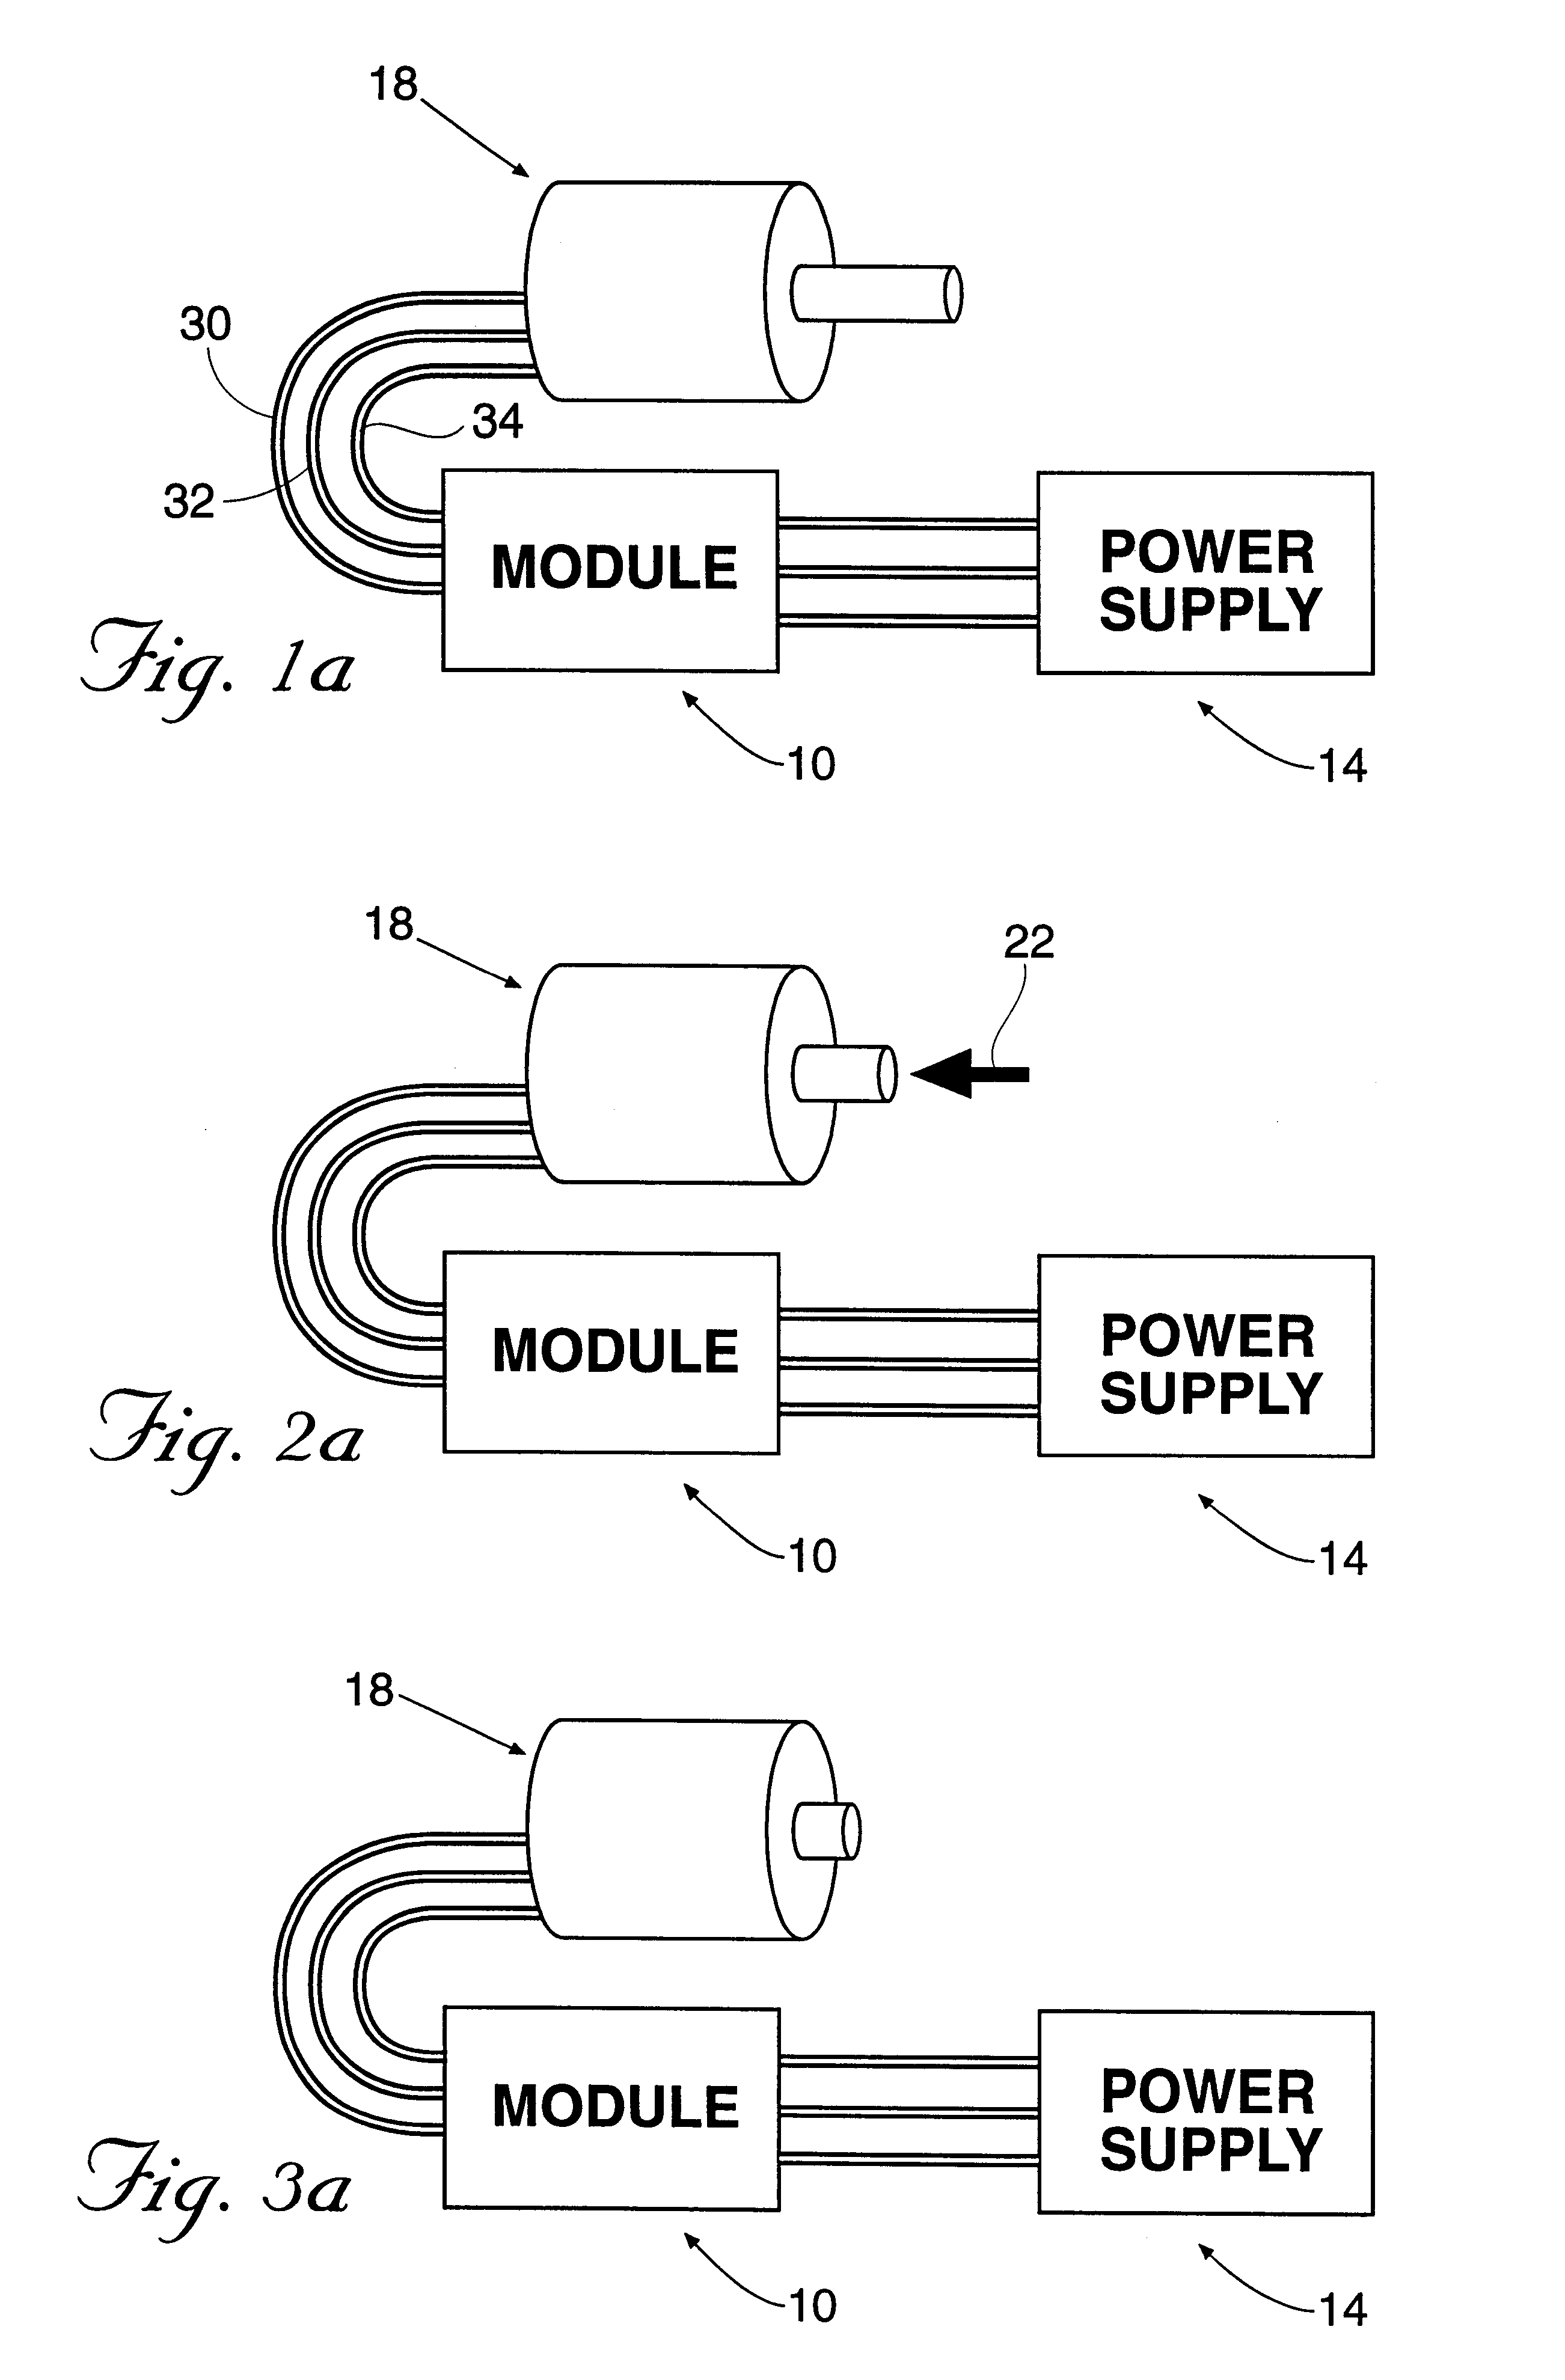 Trombetta Mxq  700 Solenoid Wiring Diagram